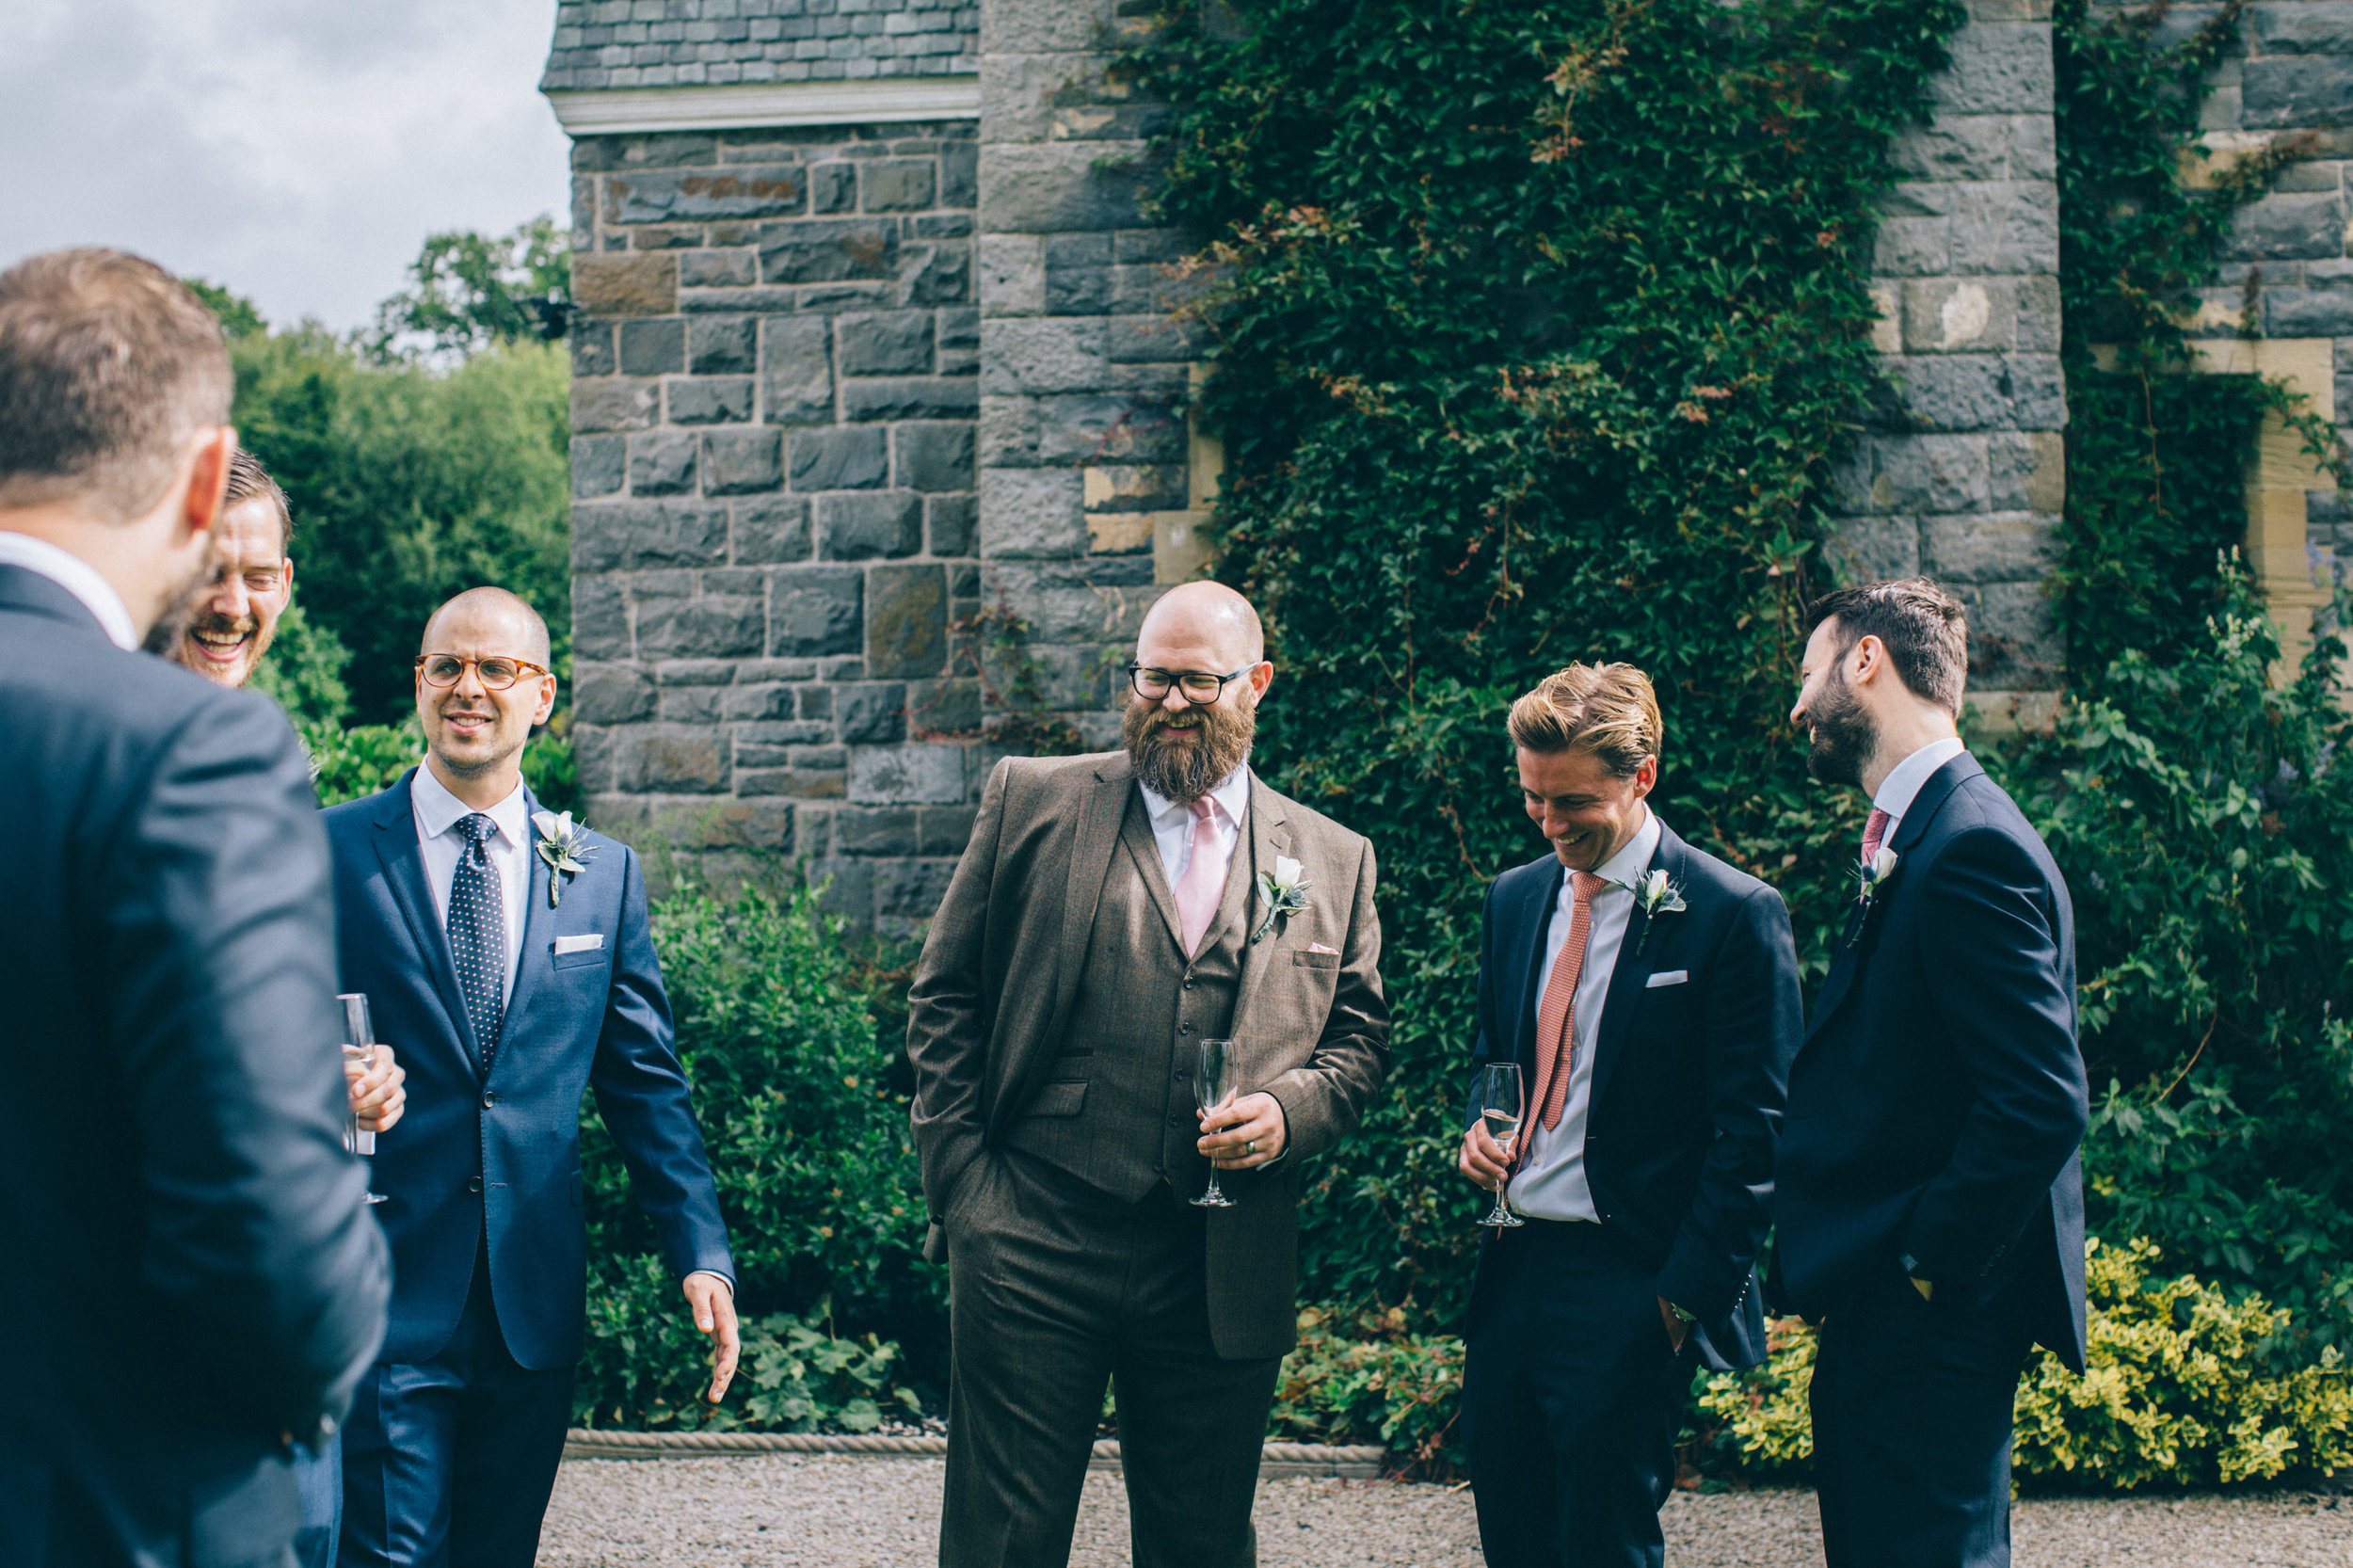 uk wedding photographer artistic wedding photography-24.jpg